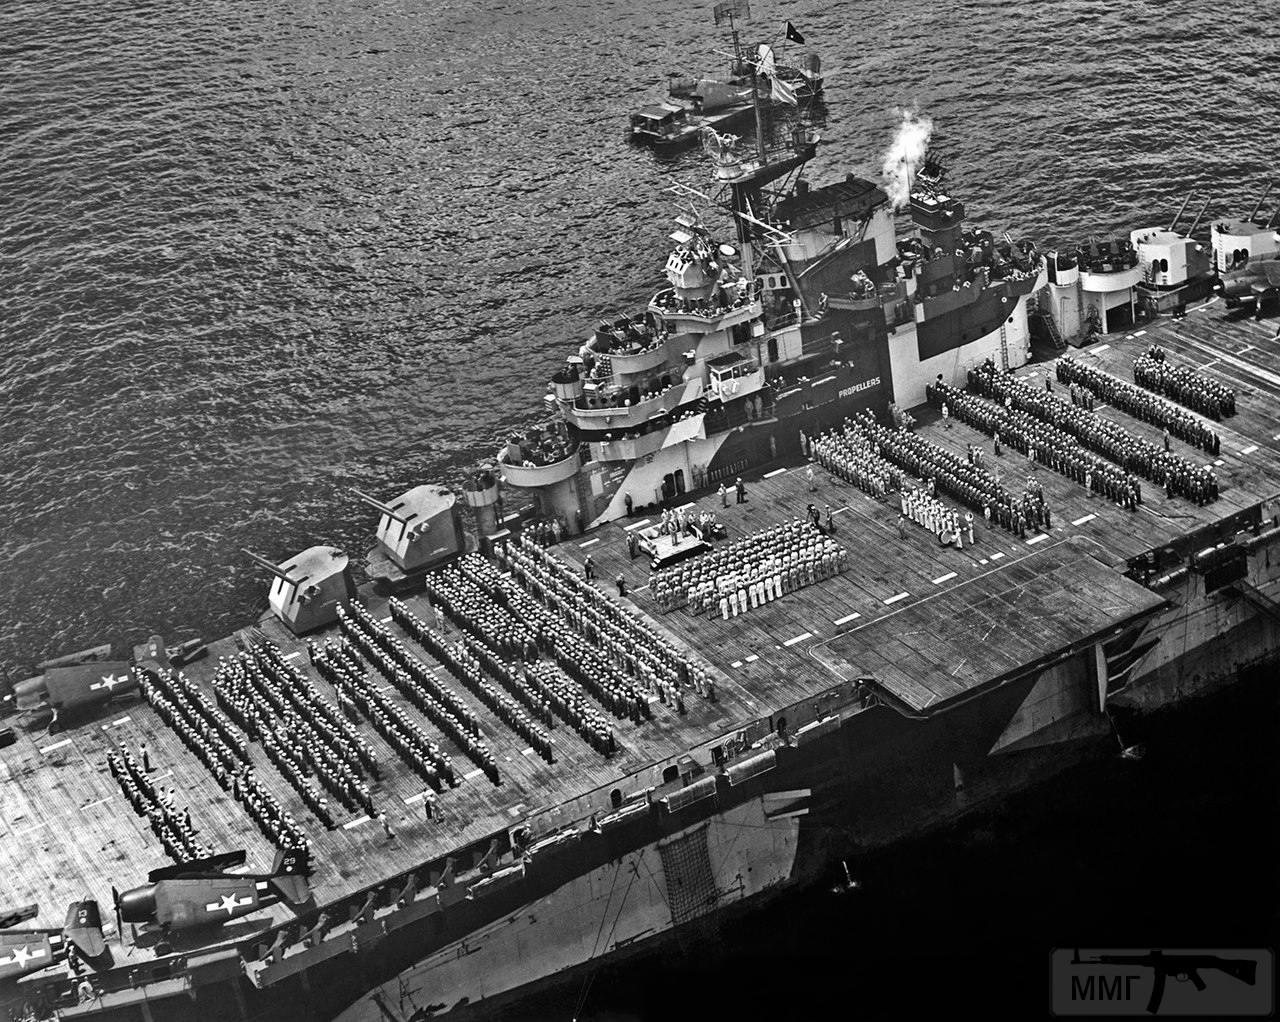 14365 - USS Hornet (CV-12)